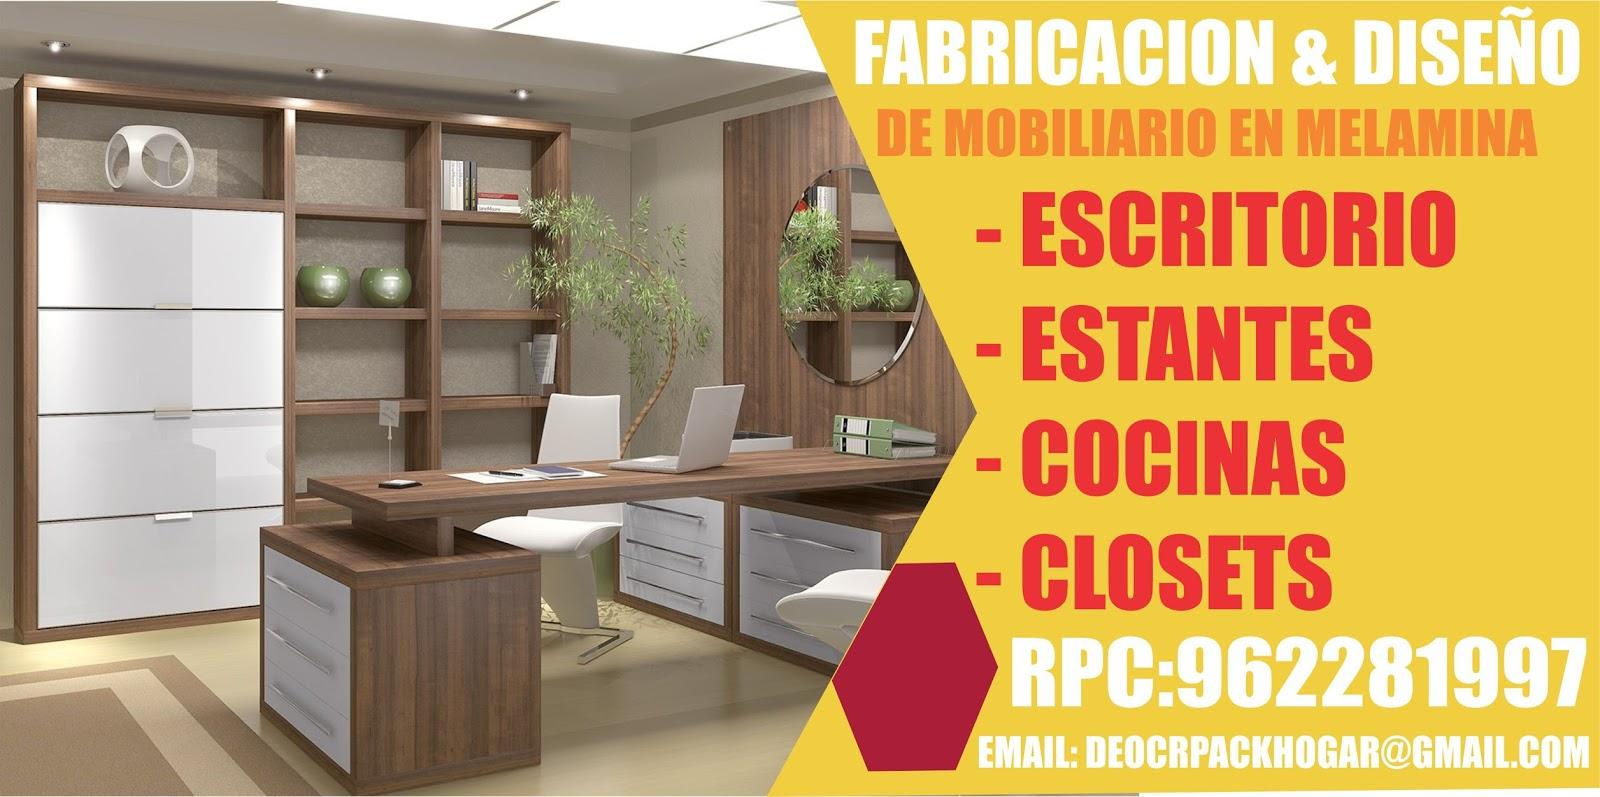 Dise os fabricacion de closet cocina y muebles de oficina for Disenos de escritorios para oficina